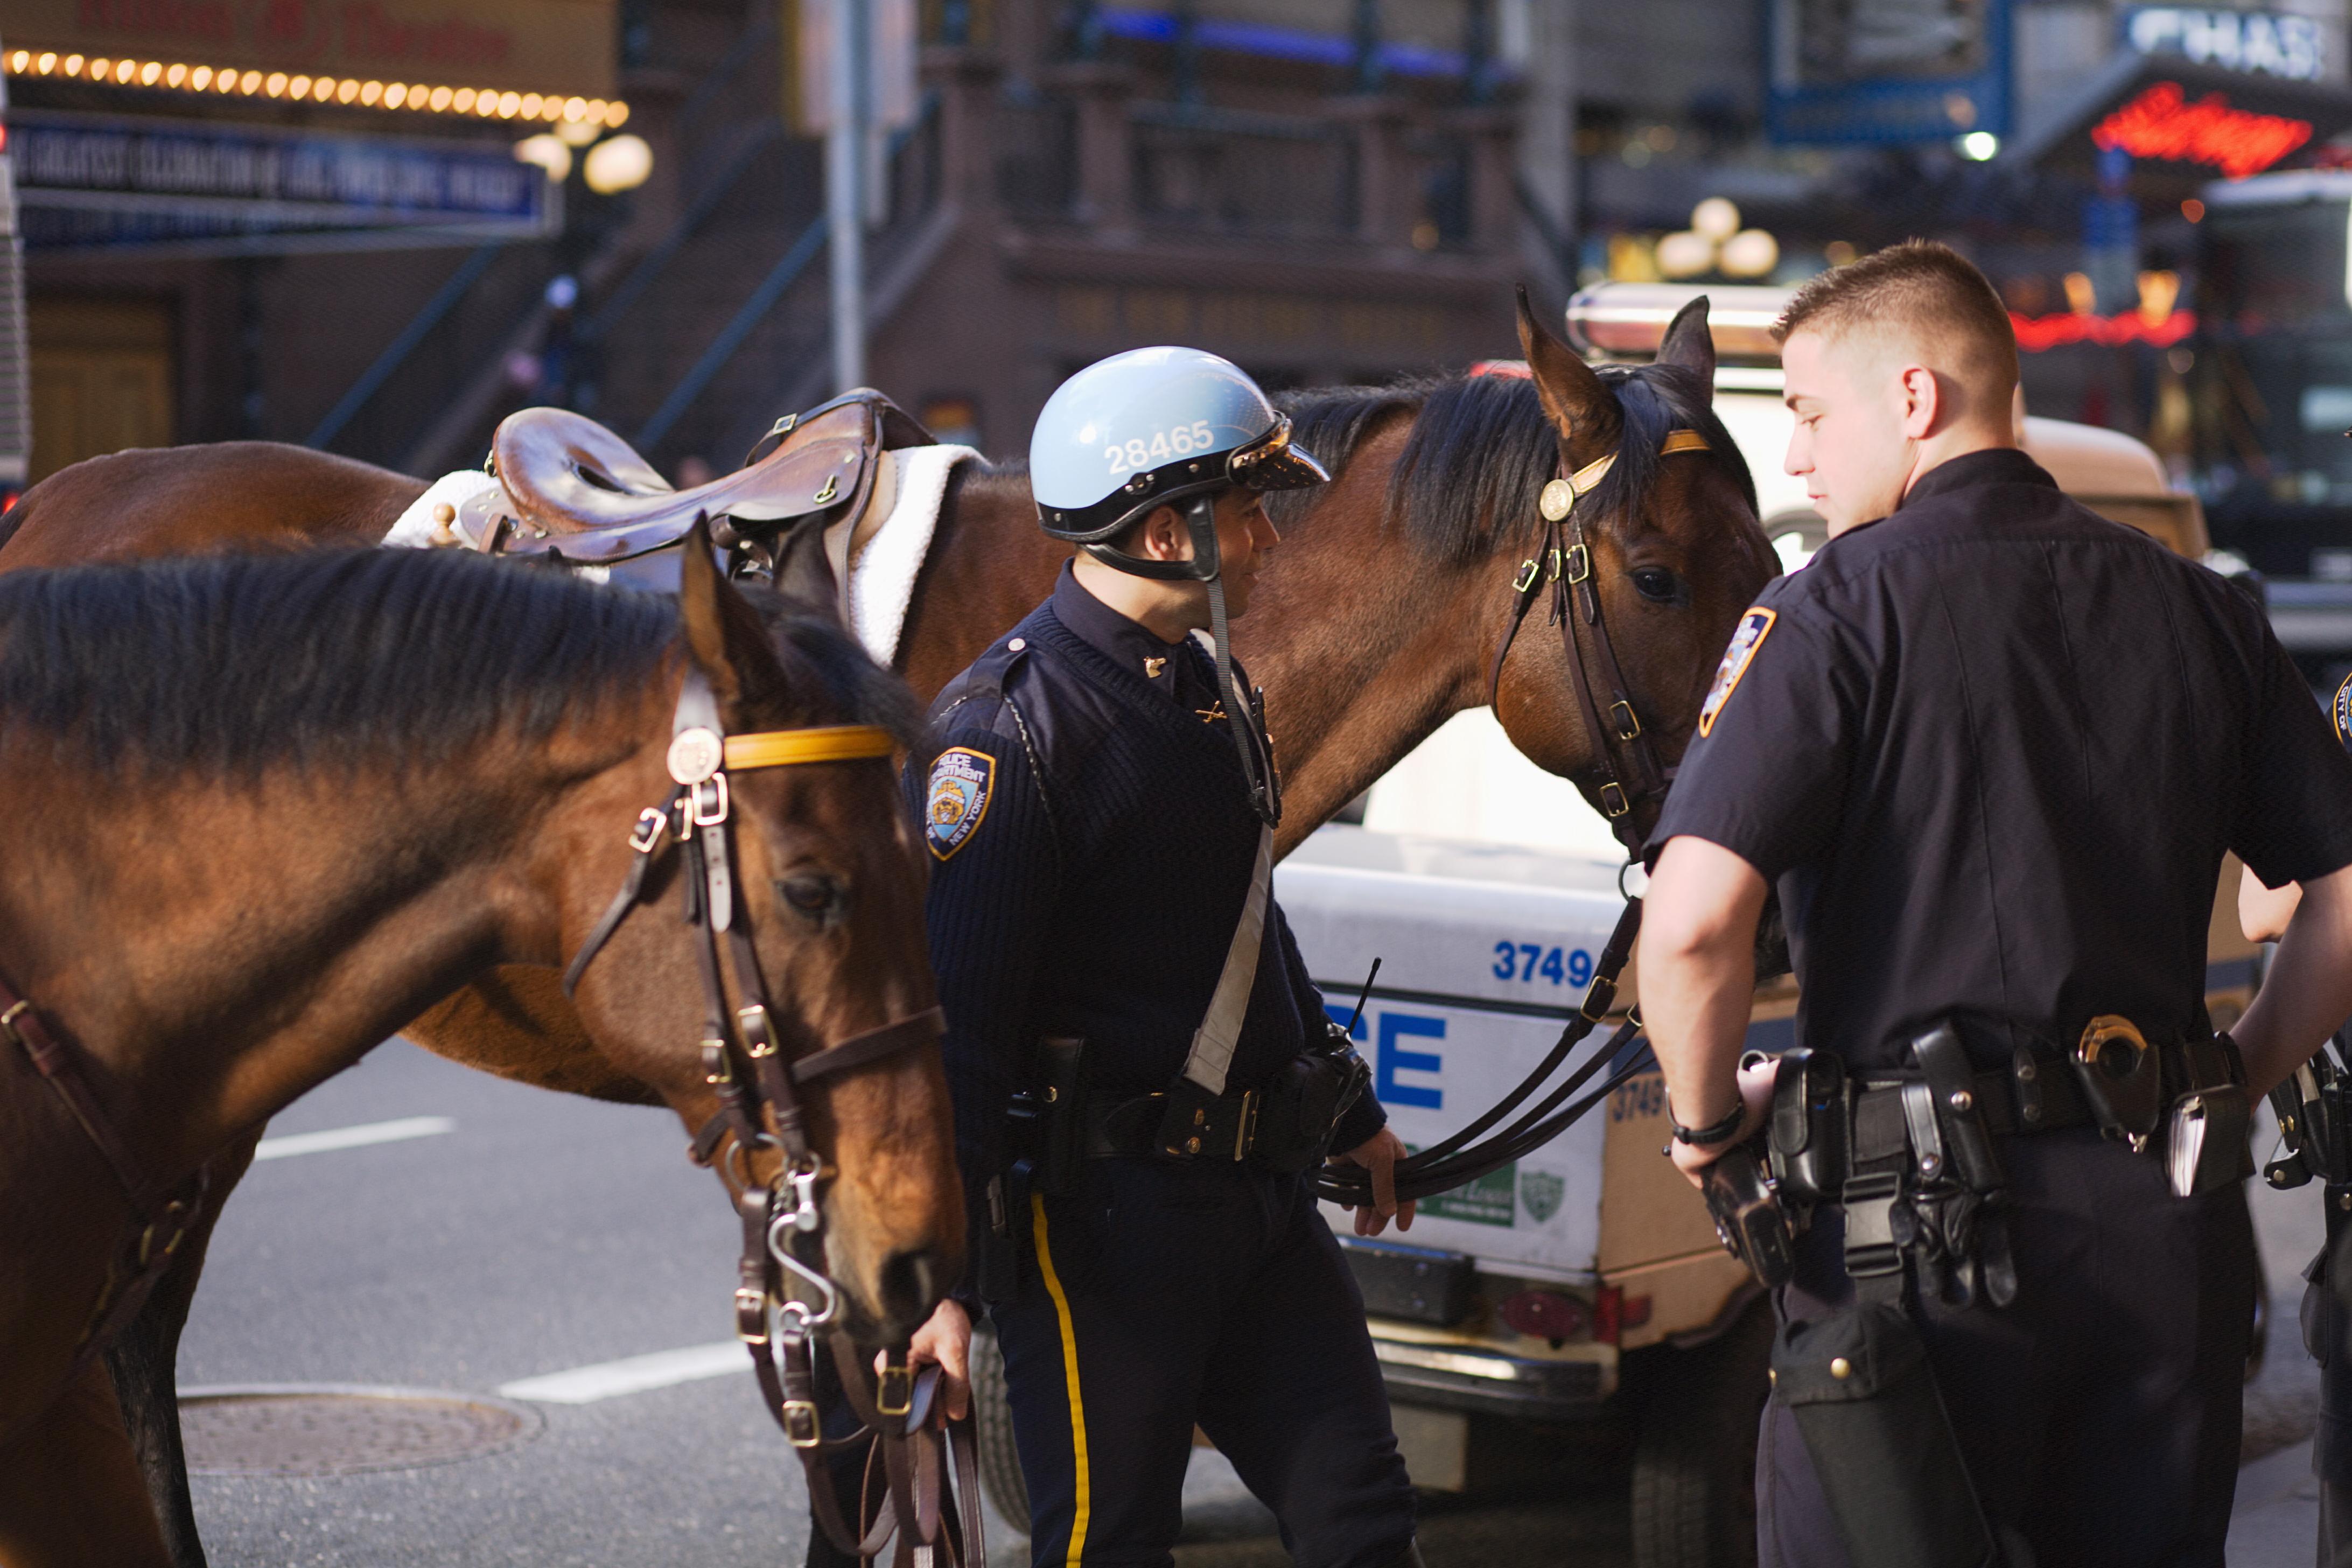 Visste du at det finnes ridende politi i New York? NYPD har også et eget museum i byen der du kan se alt fra uniformer til gamle dokumenter.